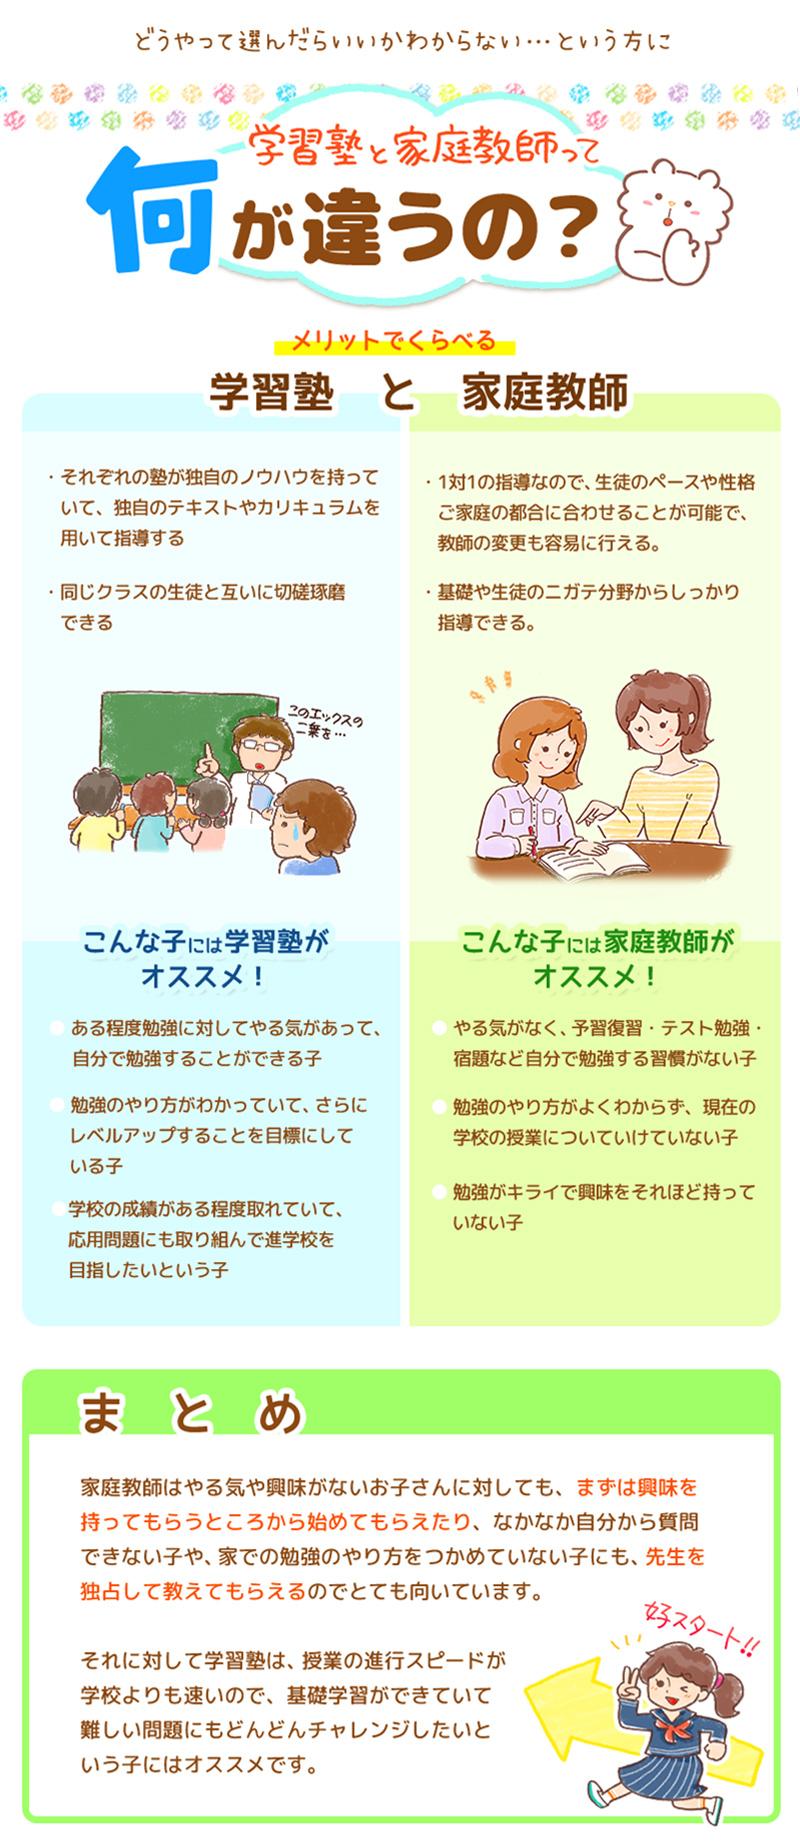 (長崎県のお客様のページ)学習塾と家庭教師って何が違うの?